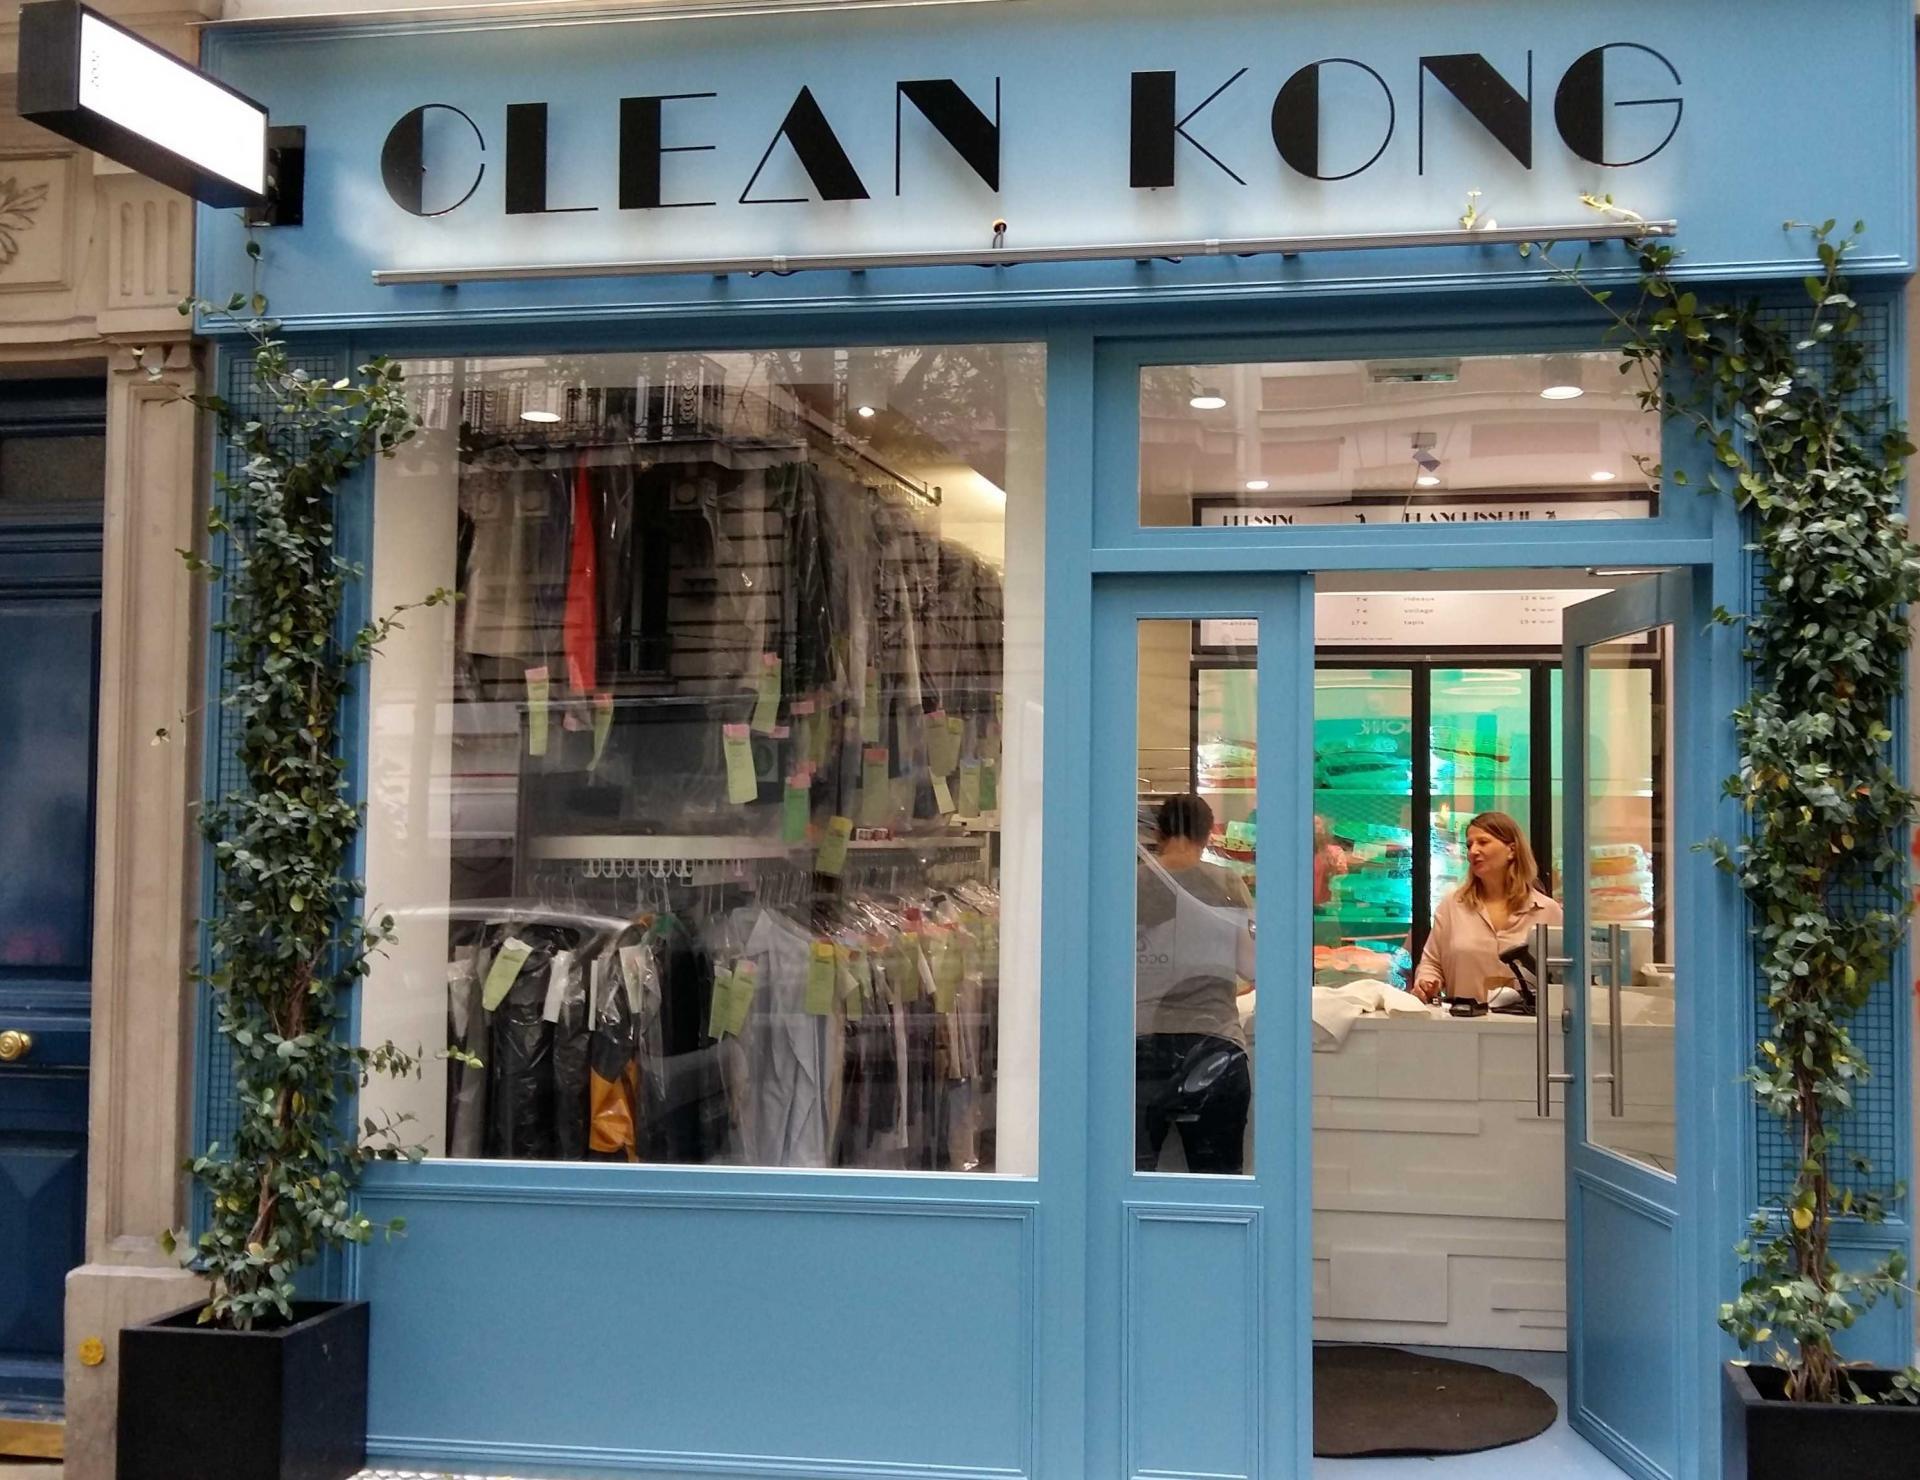 Clean kong 2